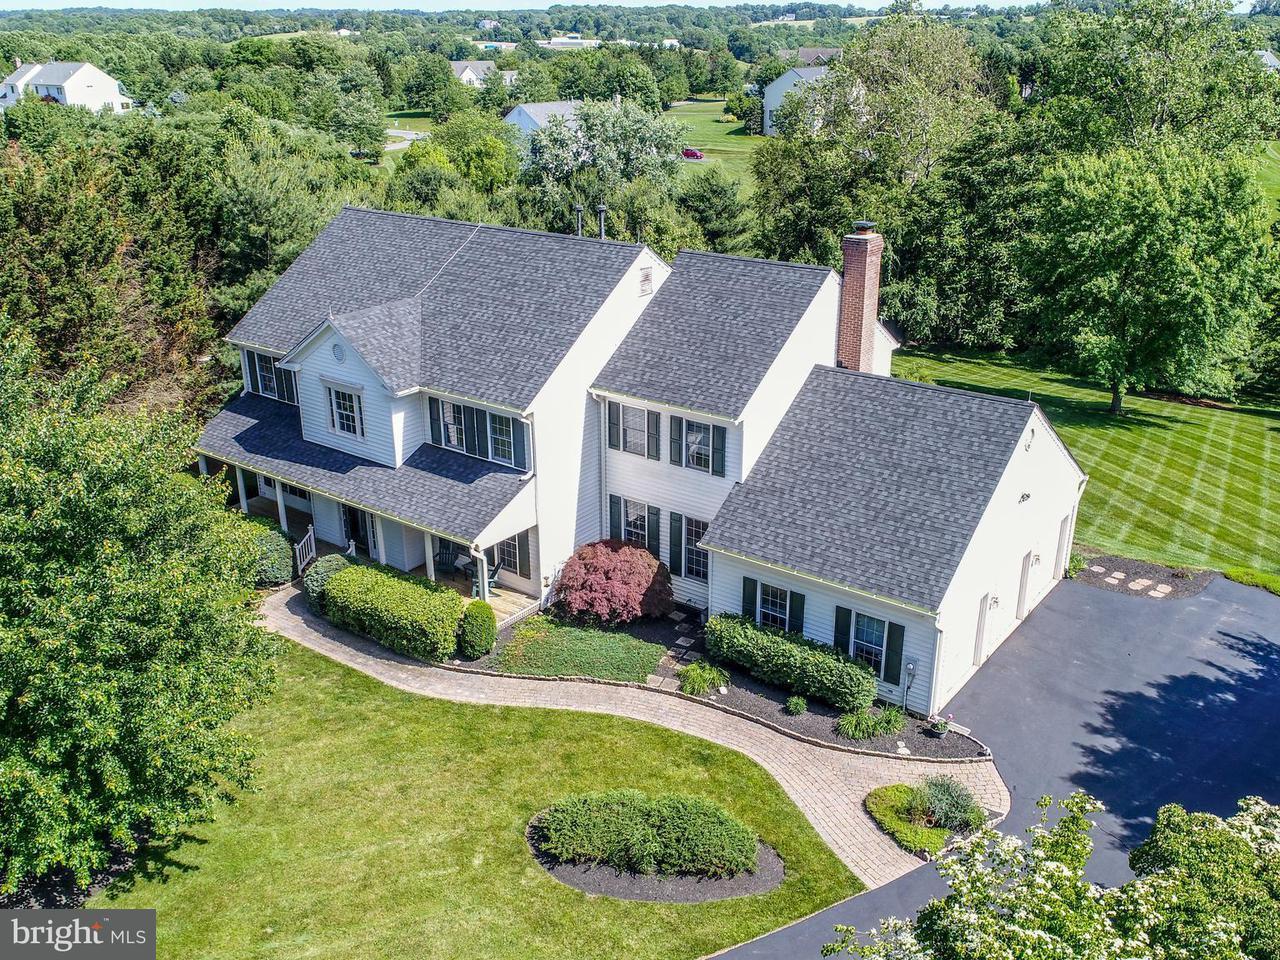 Частный односемейный дом для того Продажа на 11205 JEFFRO Court 11205 JEFFRO Court Ijamsville, Мэриленд 21754 Соединенные Штаты